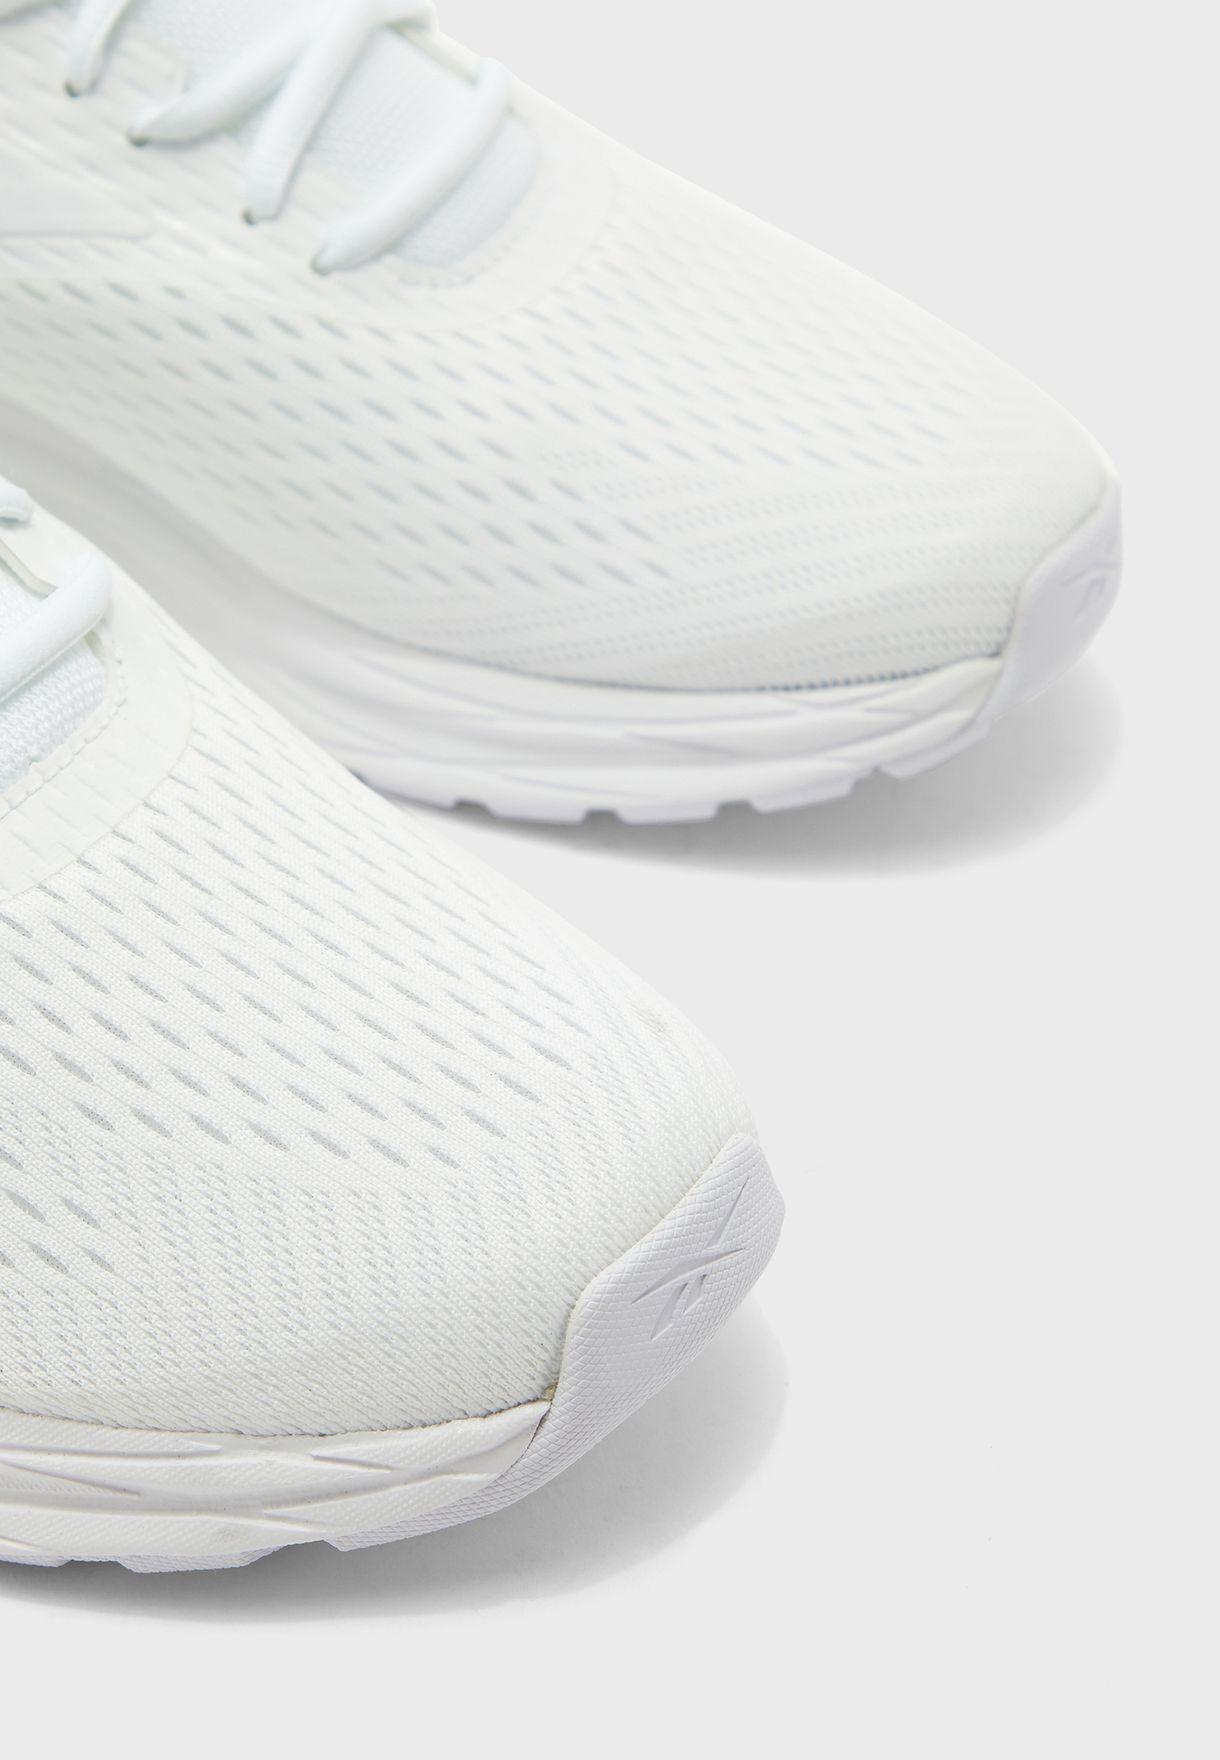 حذاء ليكويفكت 180 2.0 اس